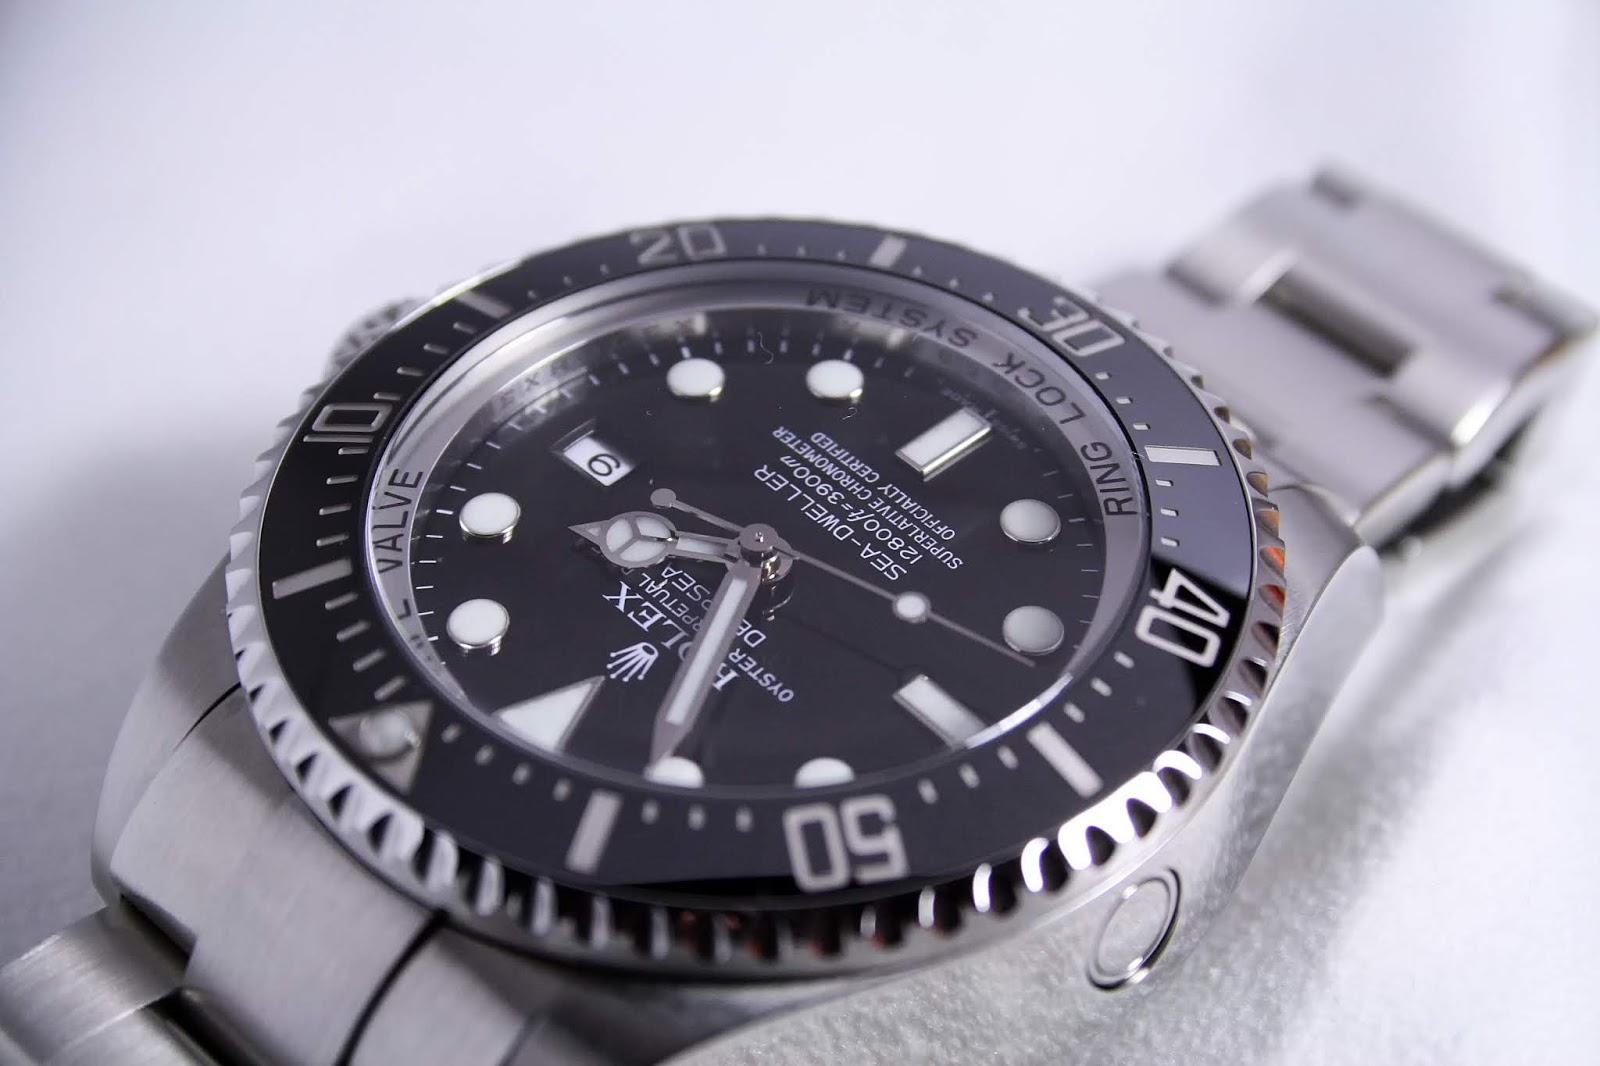 Jam tangan rolex berharga tinggi